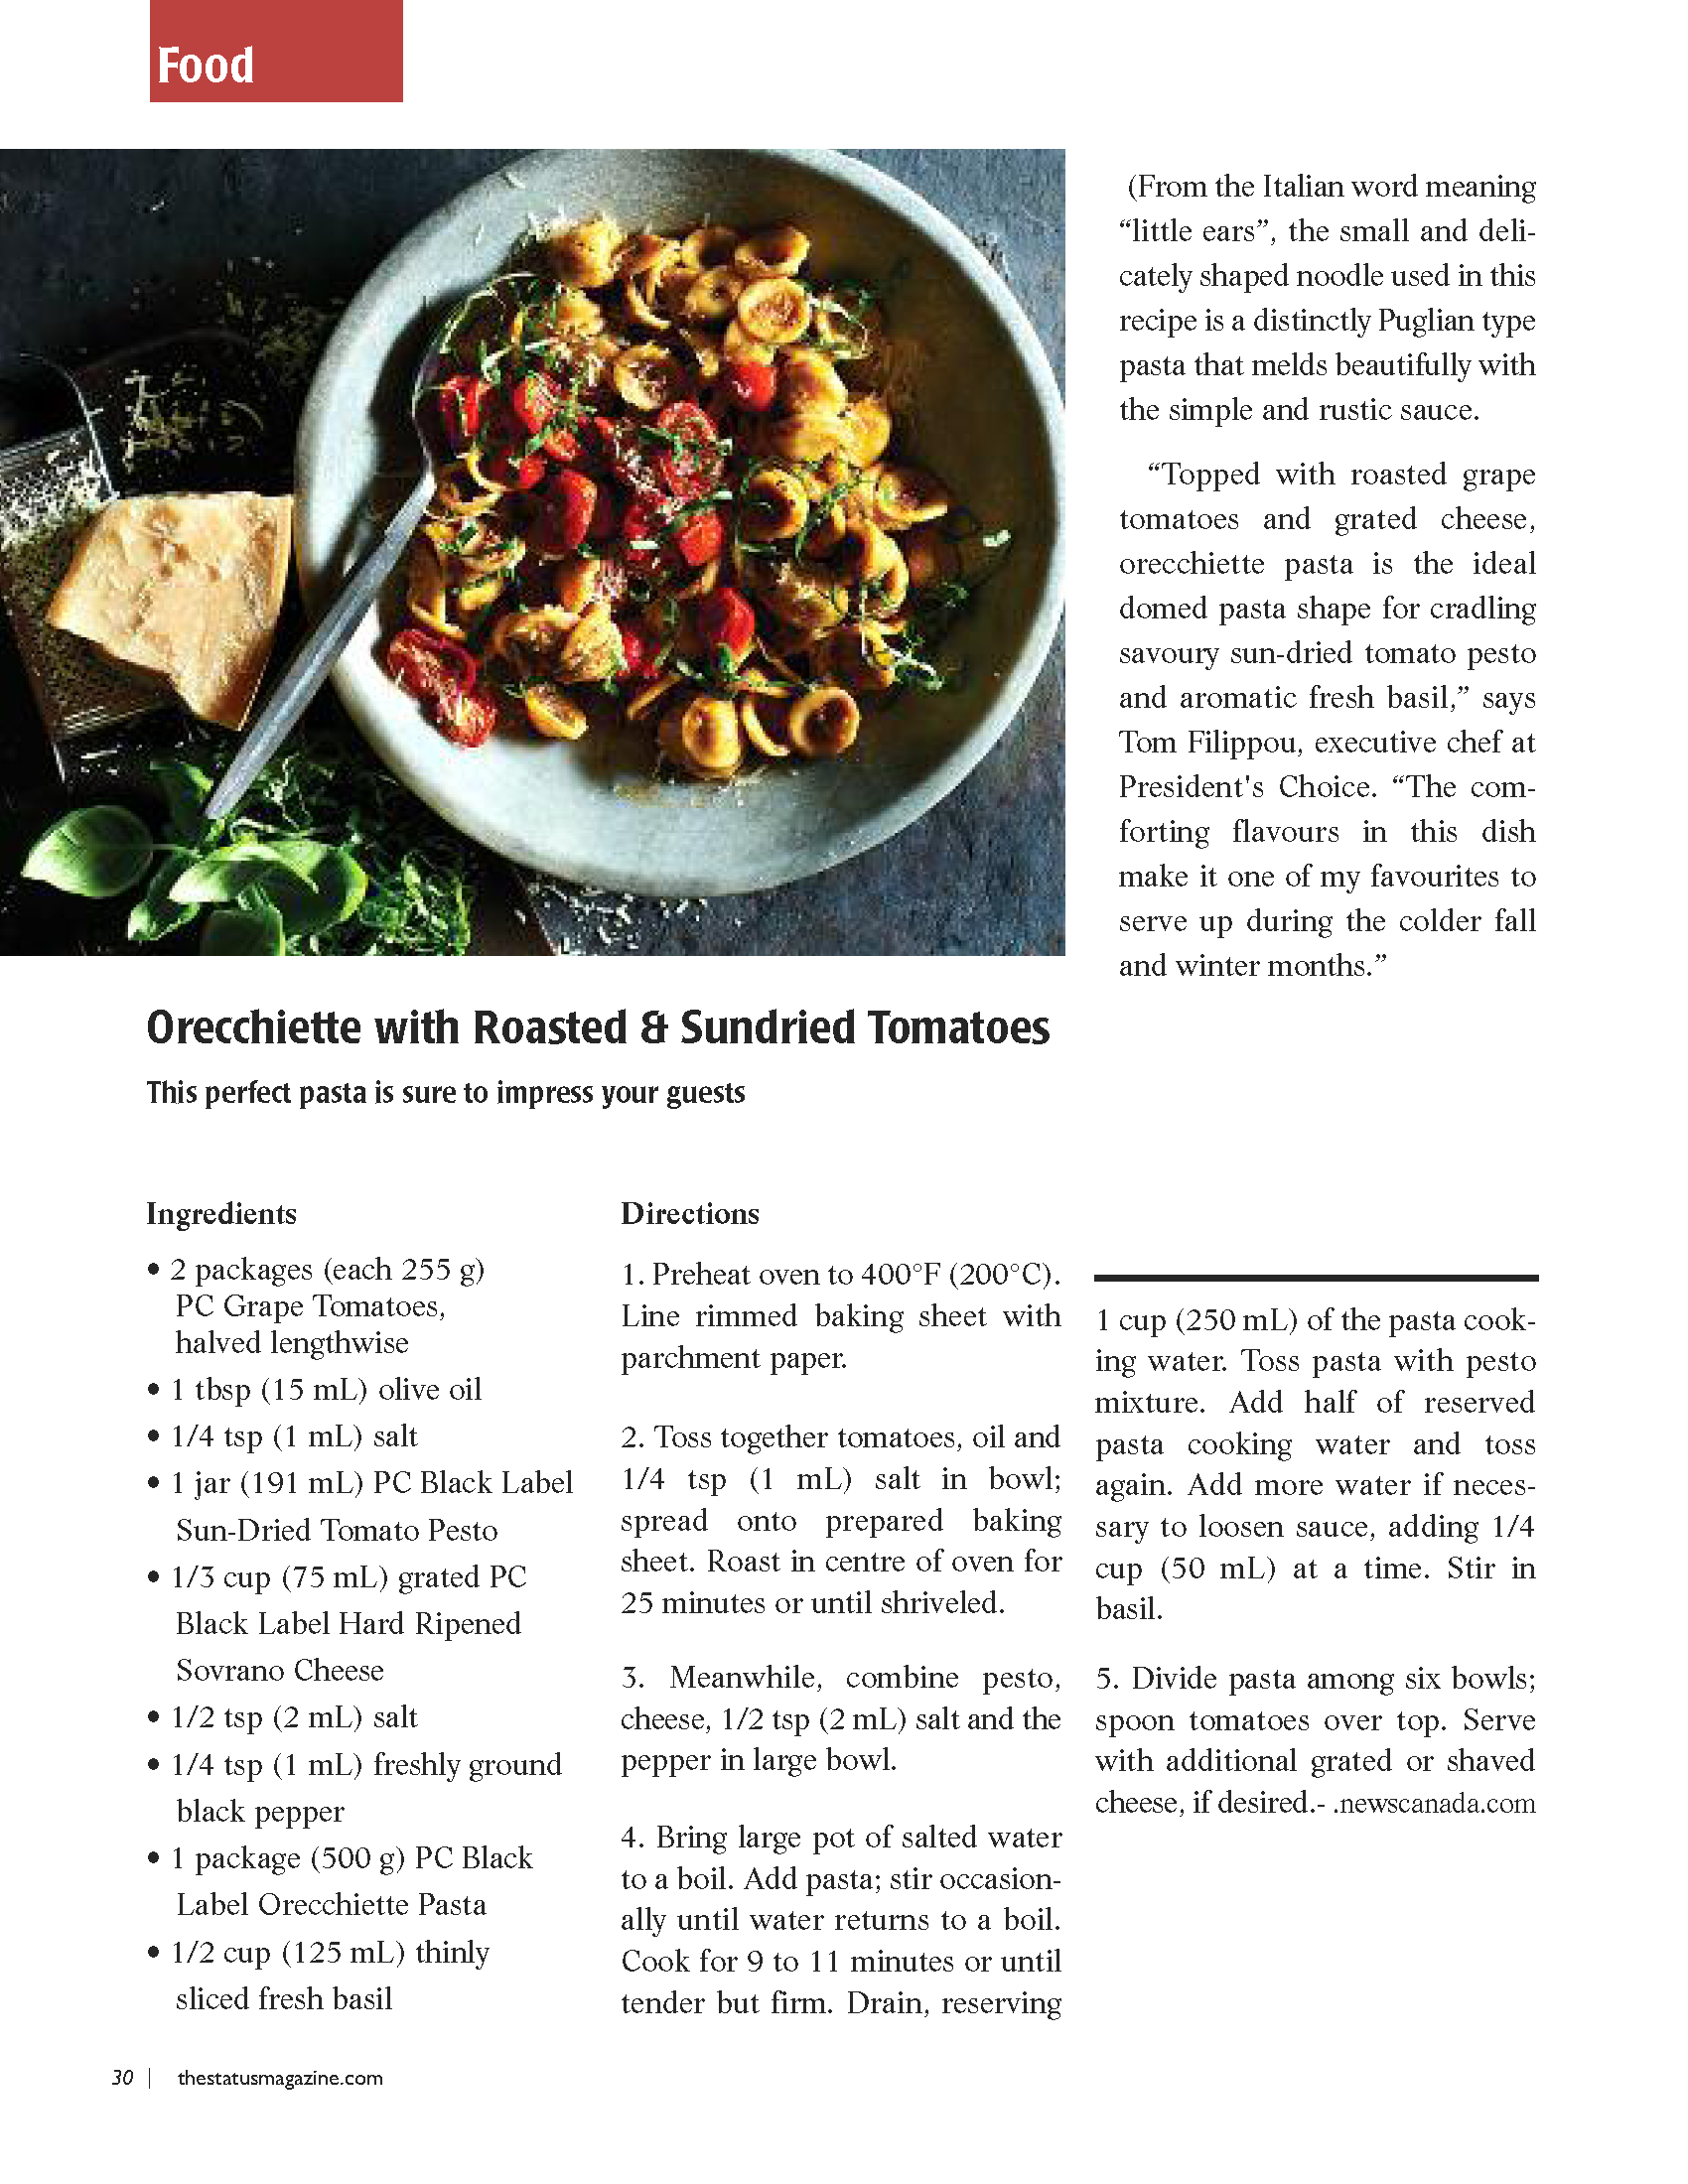 status-magazine-v9-orecchiete-tomatoes-30